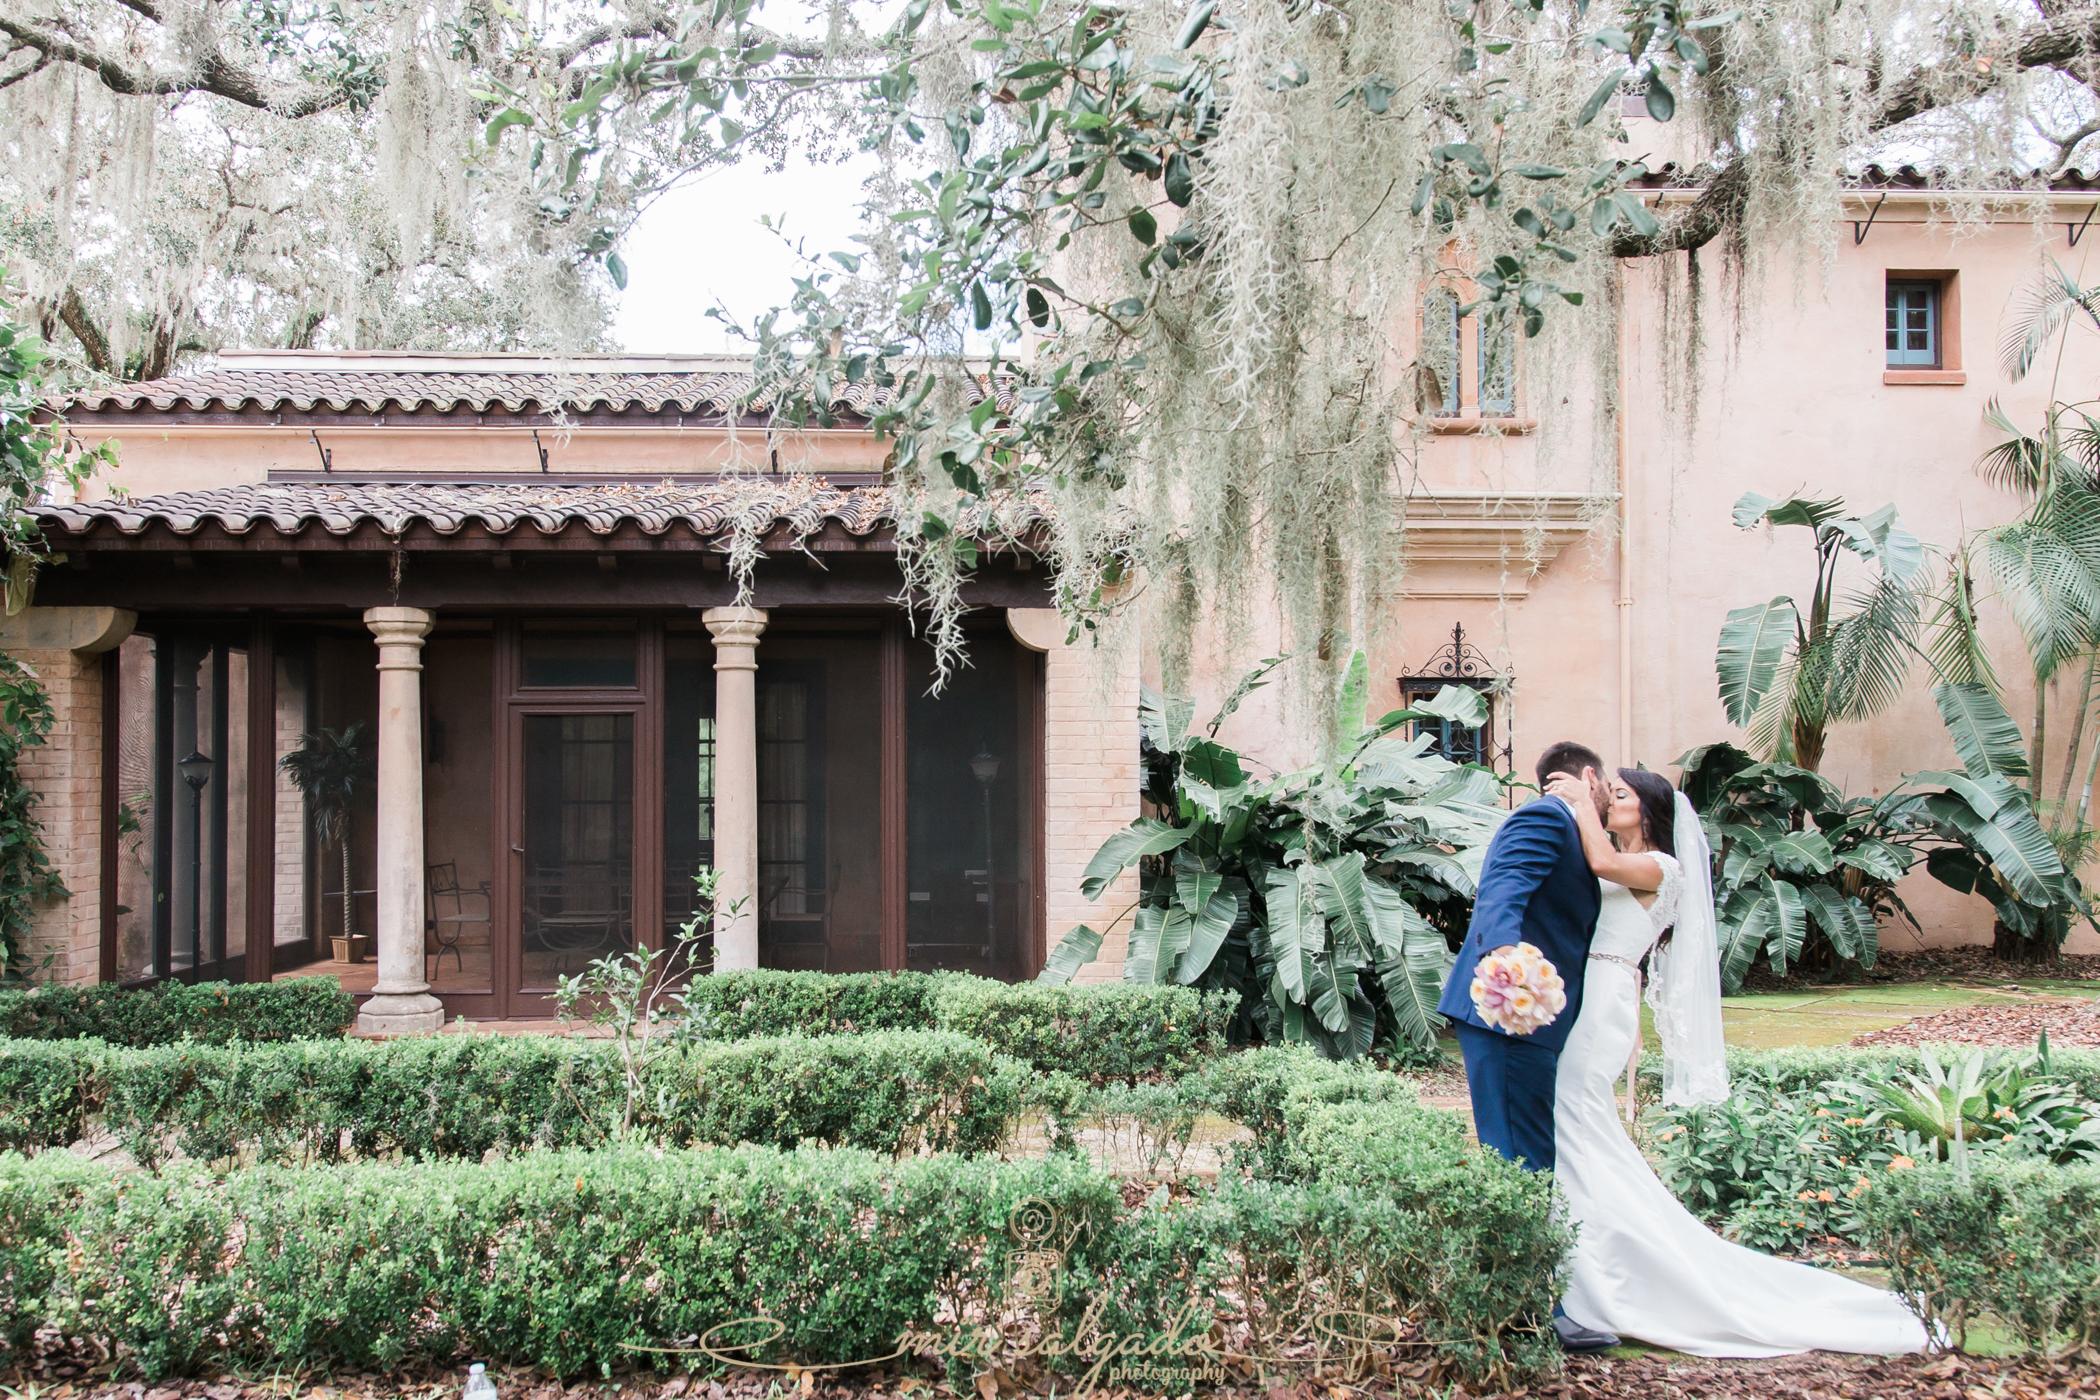 Bok-tower-wedding-photo, Gorgeous-wedding-garden-in-Florida, Florida-garden-wedding-photo